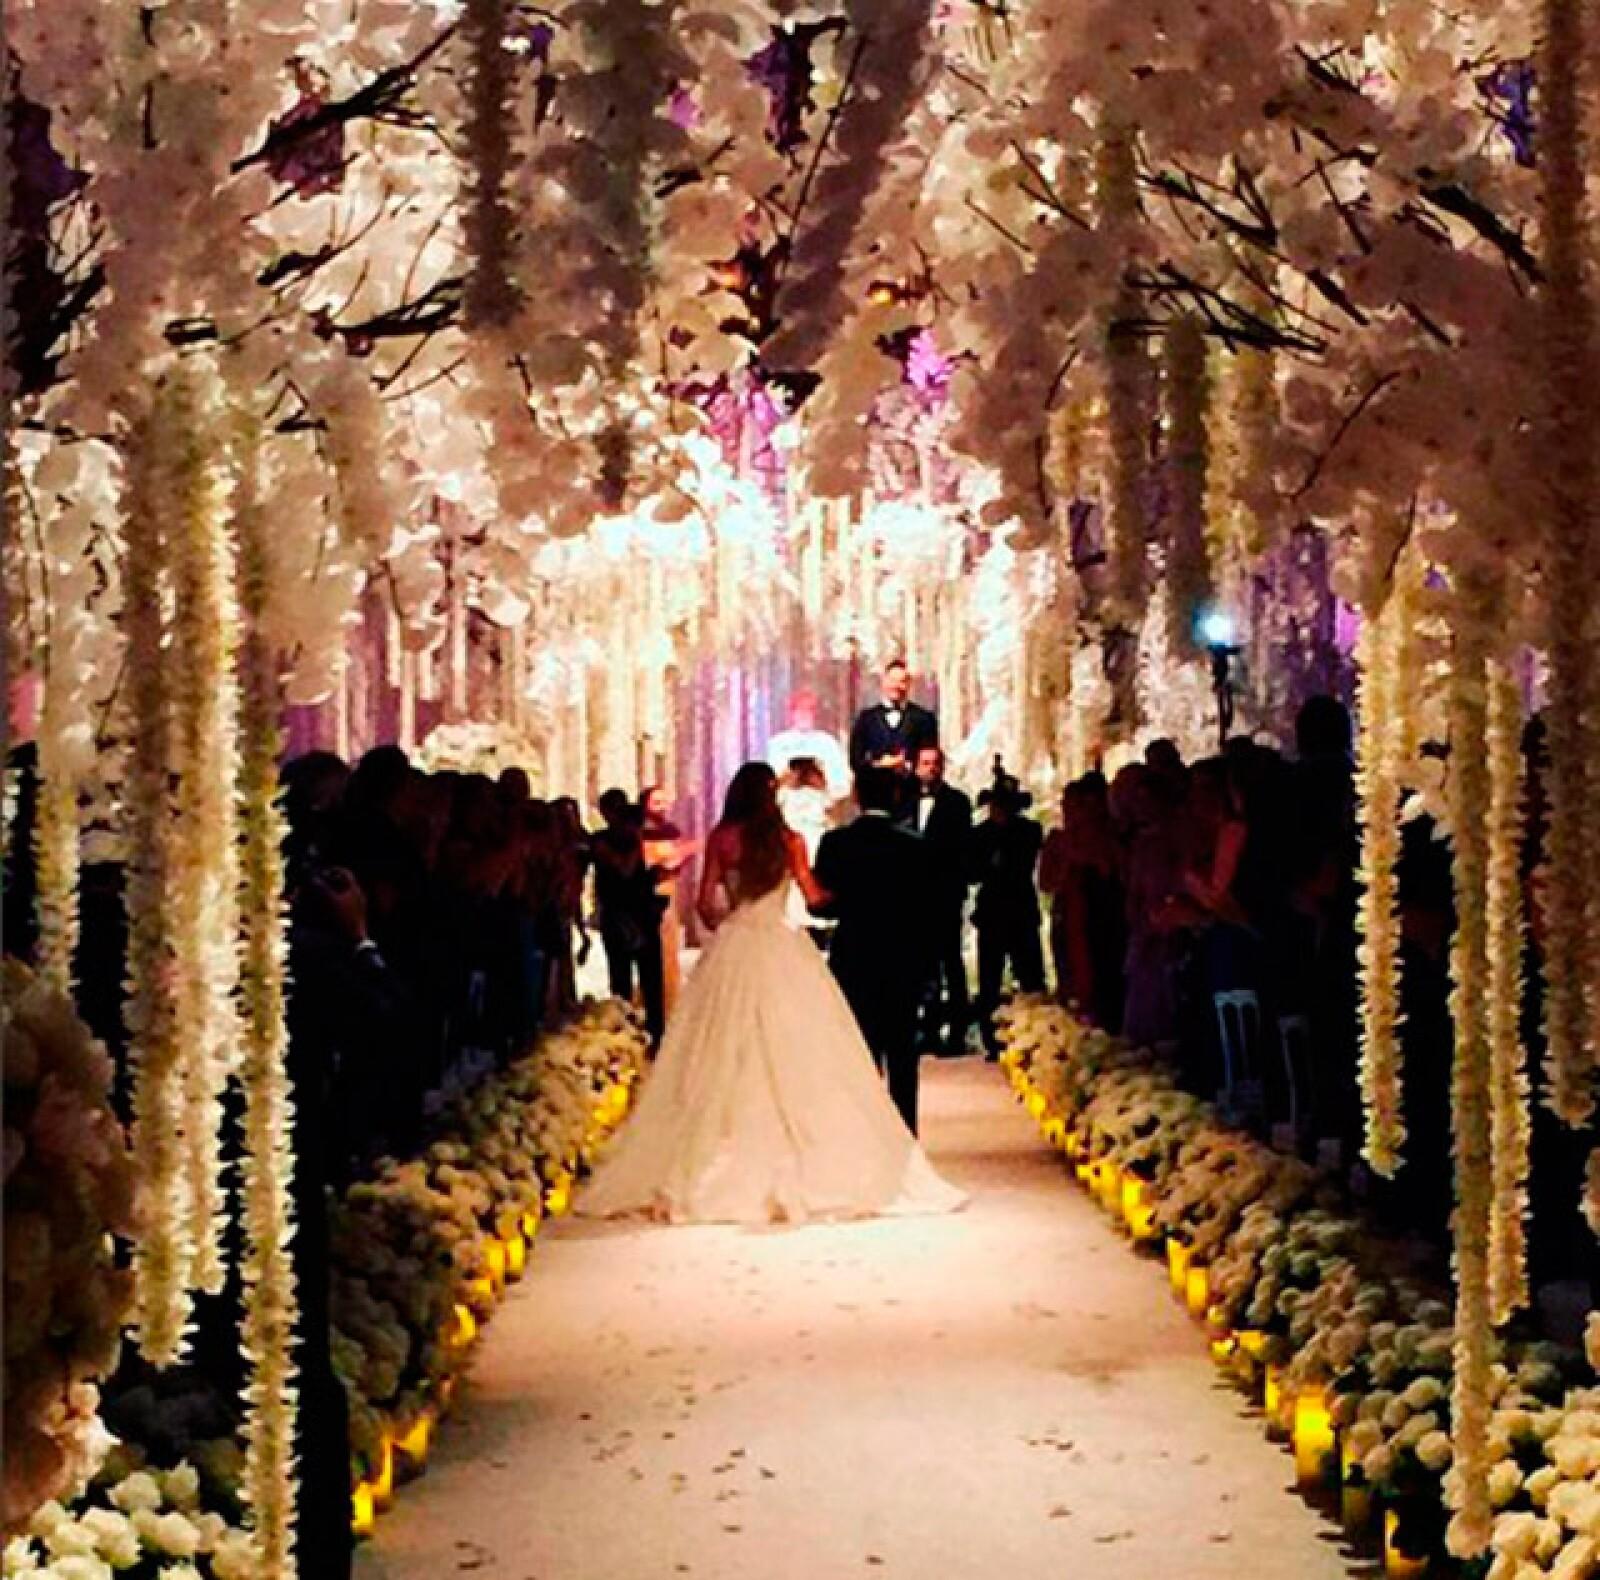 La hermosa y romántica decoración del lugar se logró con velas y flores blancas en la ceremonia.